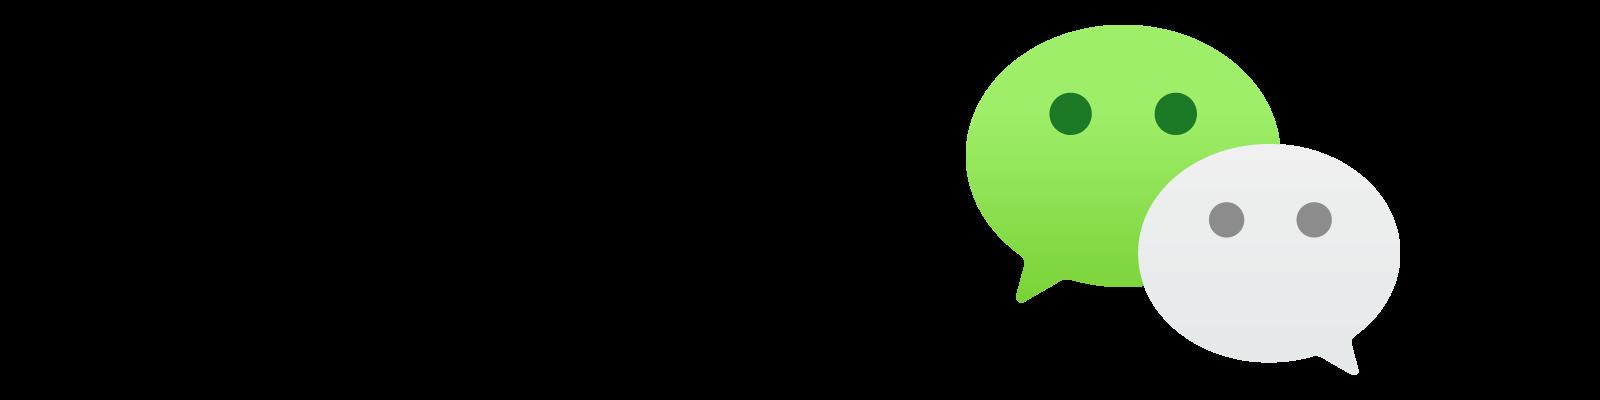 WeChat | Lancaster University